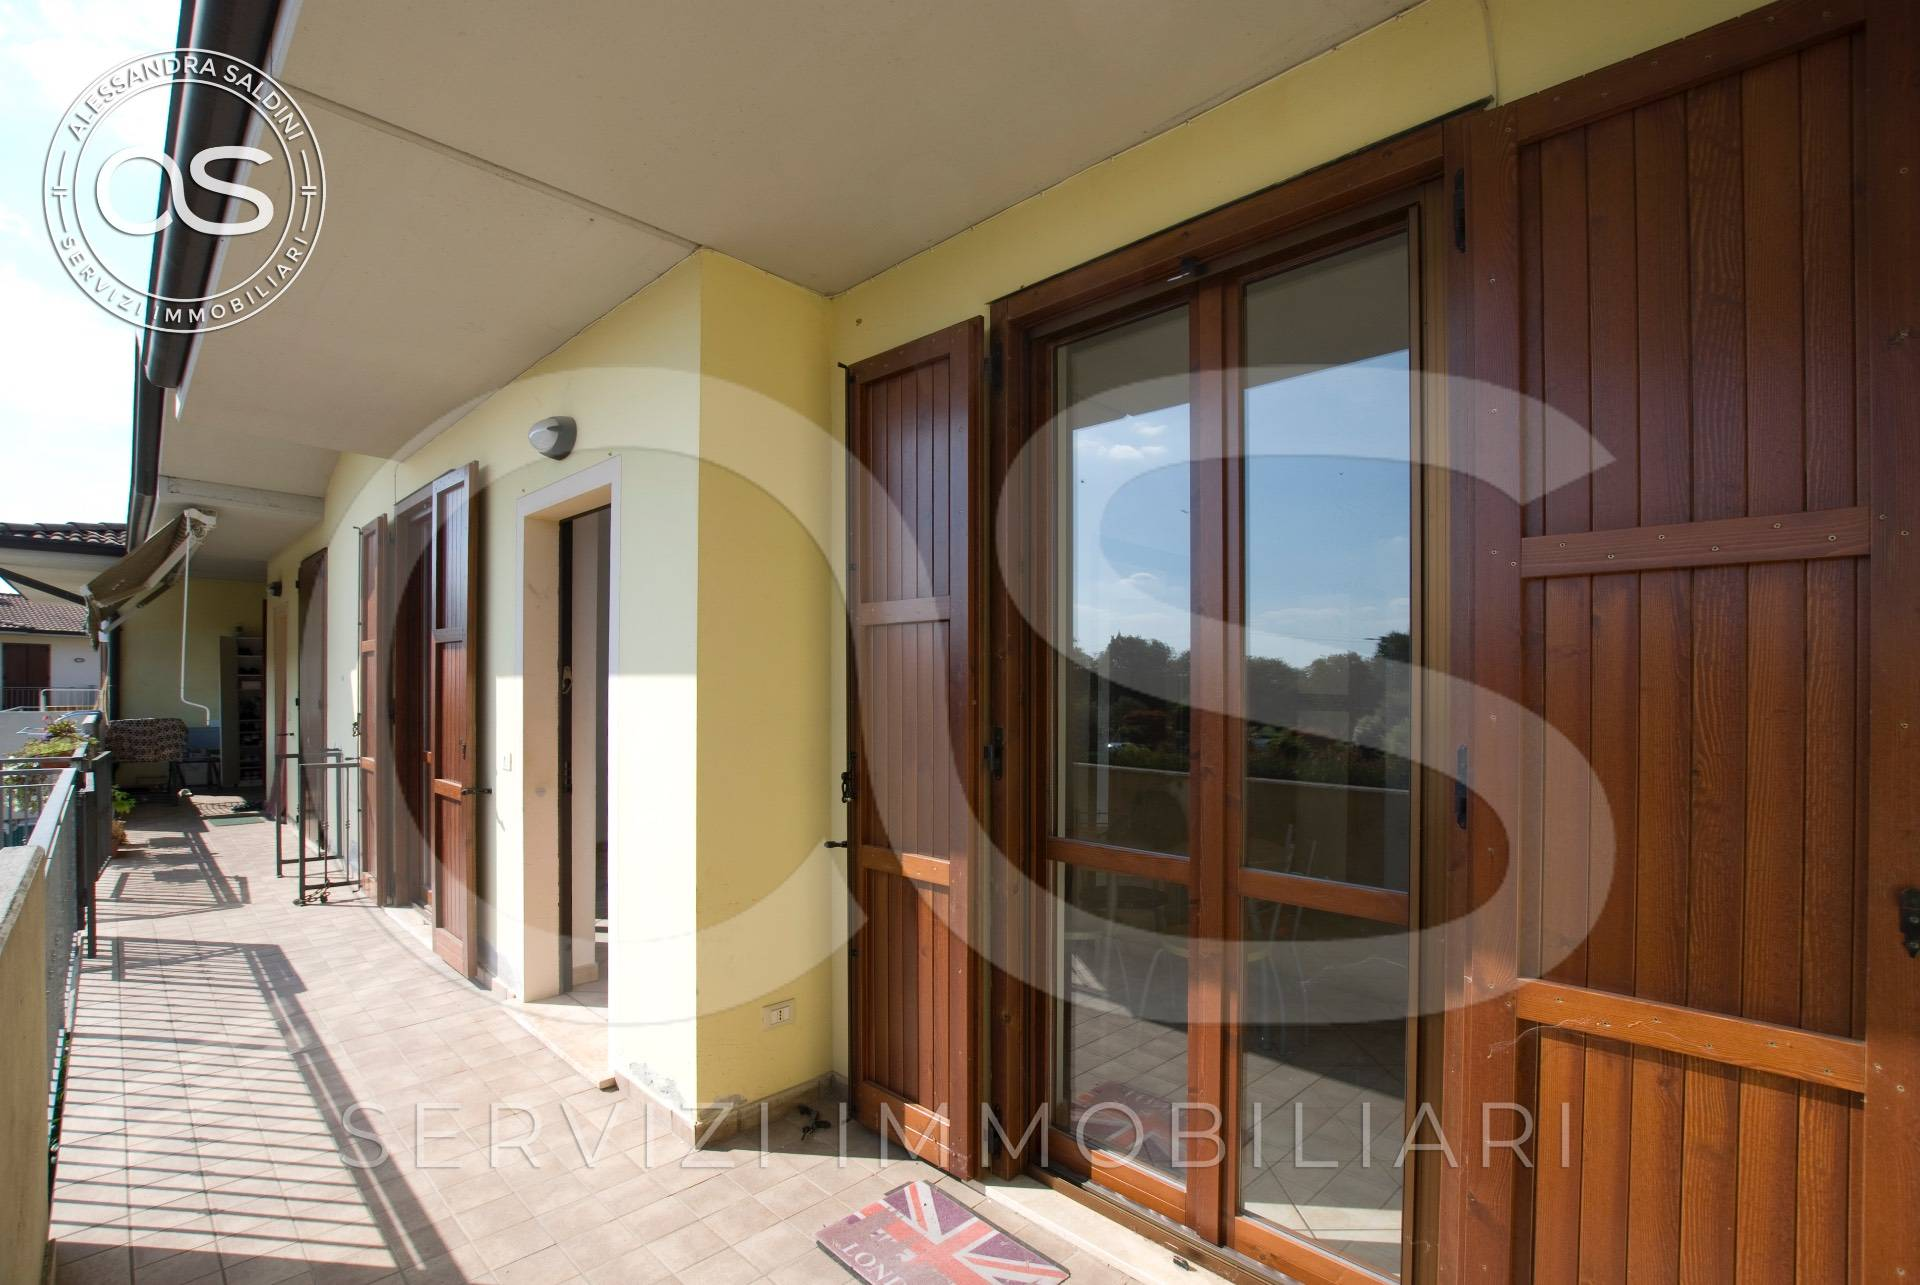 Appartamento in vendita a Cigole, 3 locali, prezzo € 68.000 | CambioCasa.it